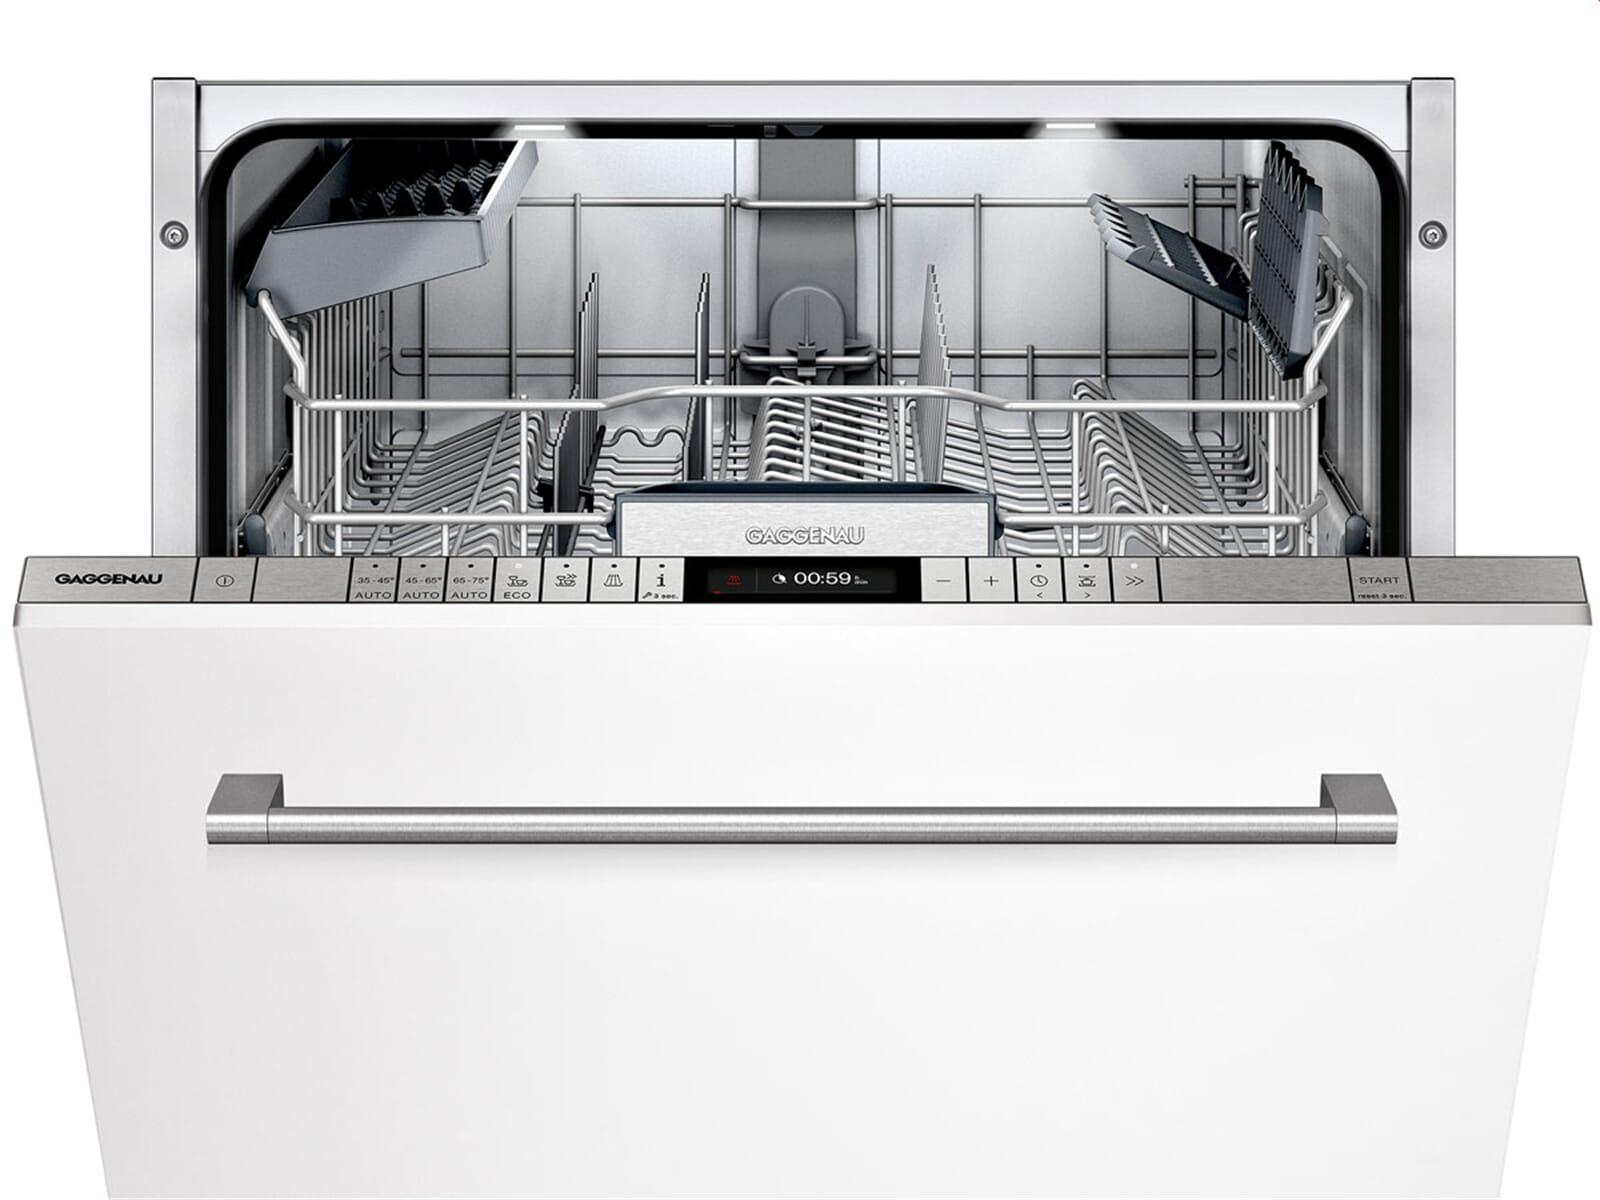 Gaggenau Df 250 160 Einbau Geschirrspuler Serie 200